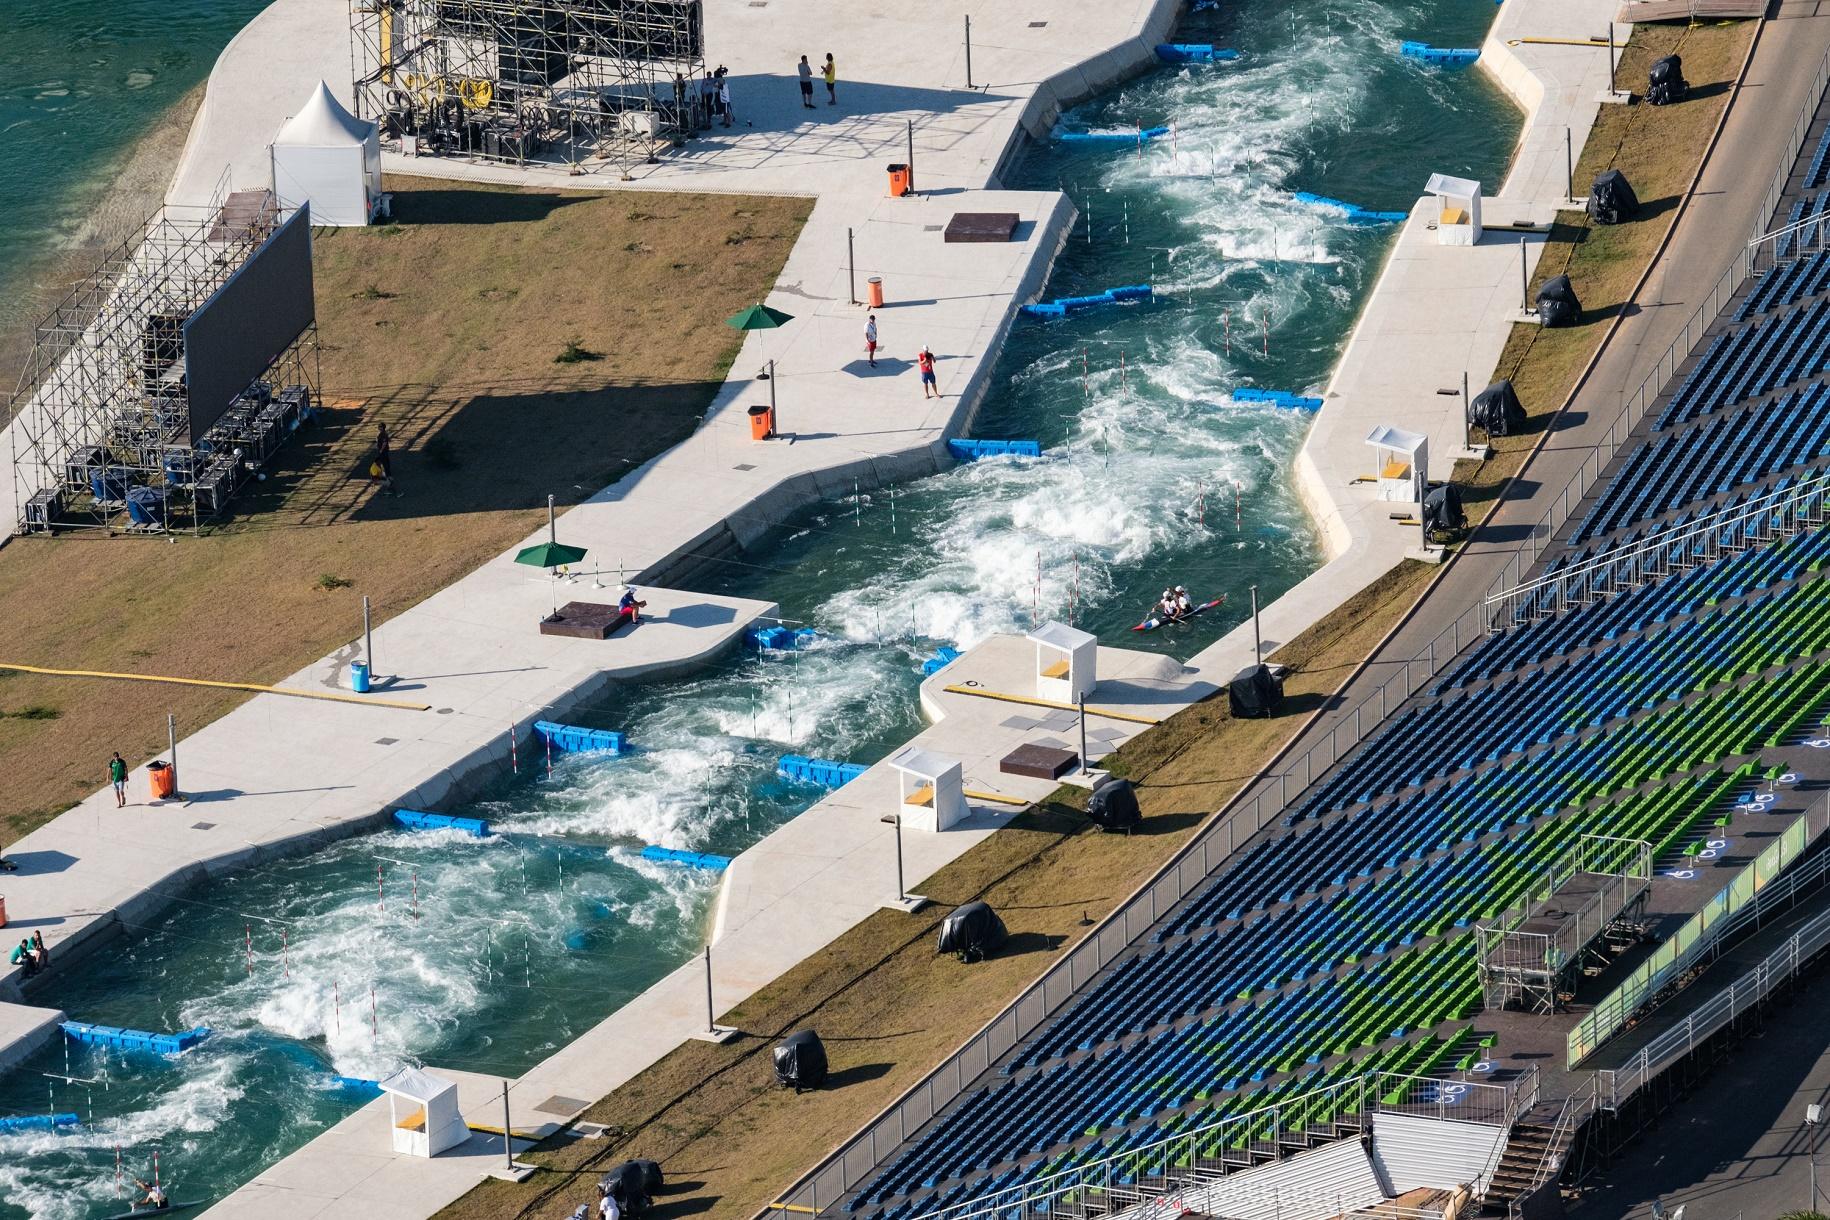 Uma das arenas de Deodoro, na Zona Oeste, onde foram disputadas as provas de slalom. Foto de Yasuyoshi Chiba/AFP